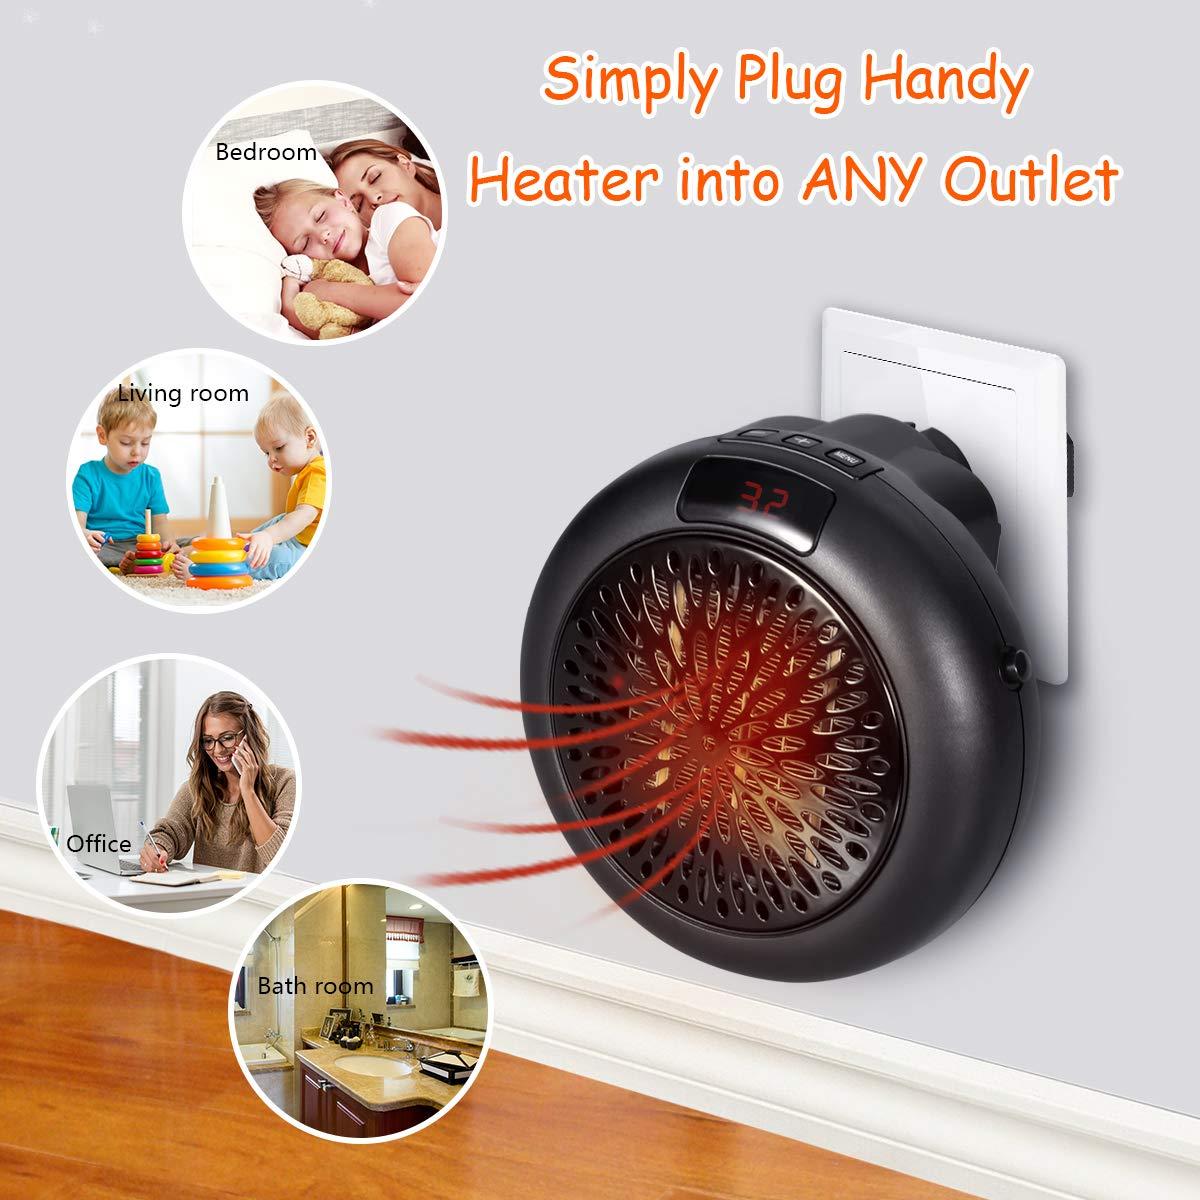 Calefactor Portátil - Mini Estufa Eléctrica Insta Heater Termoventilador Bajo Consumo con Termostato Ajustable, Temporizador de 12 Horas & Adaptador ...